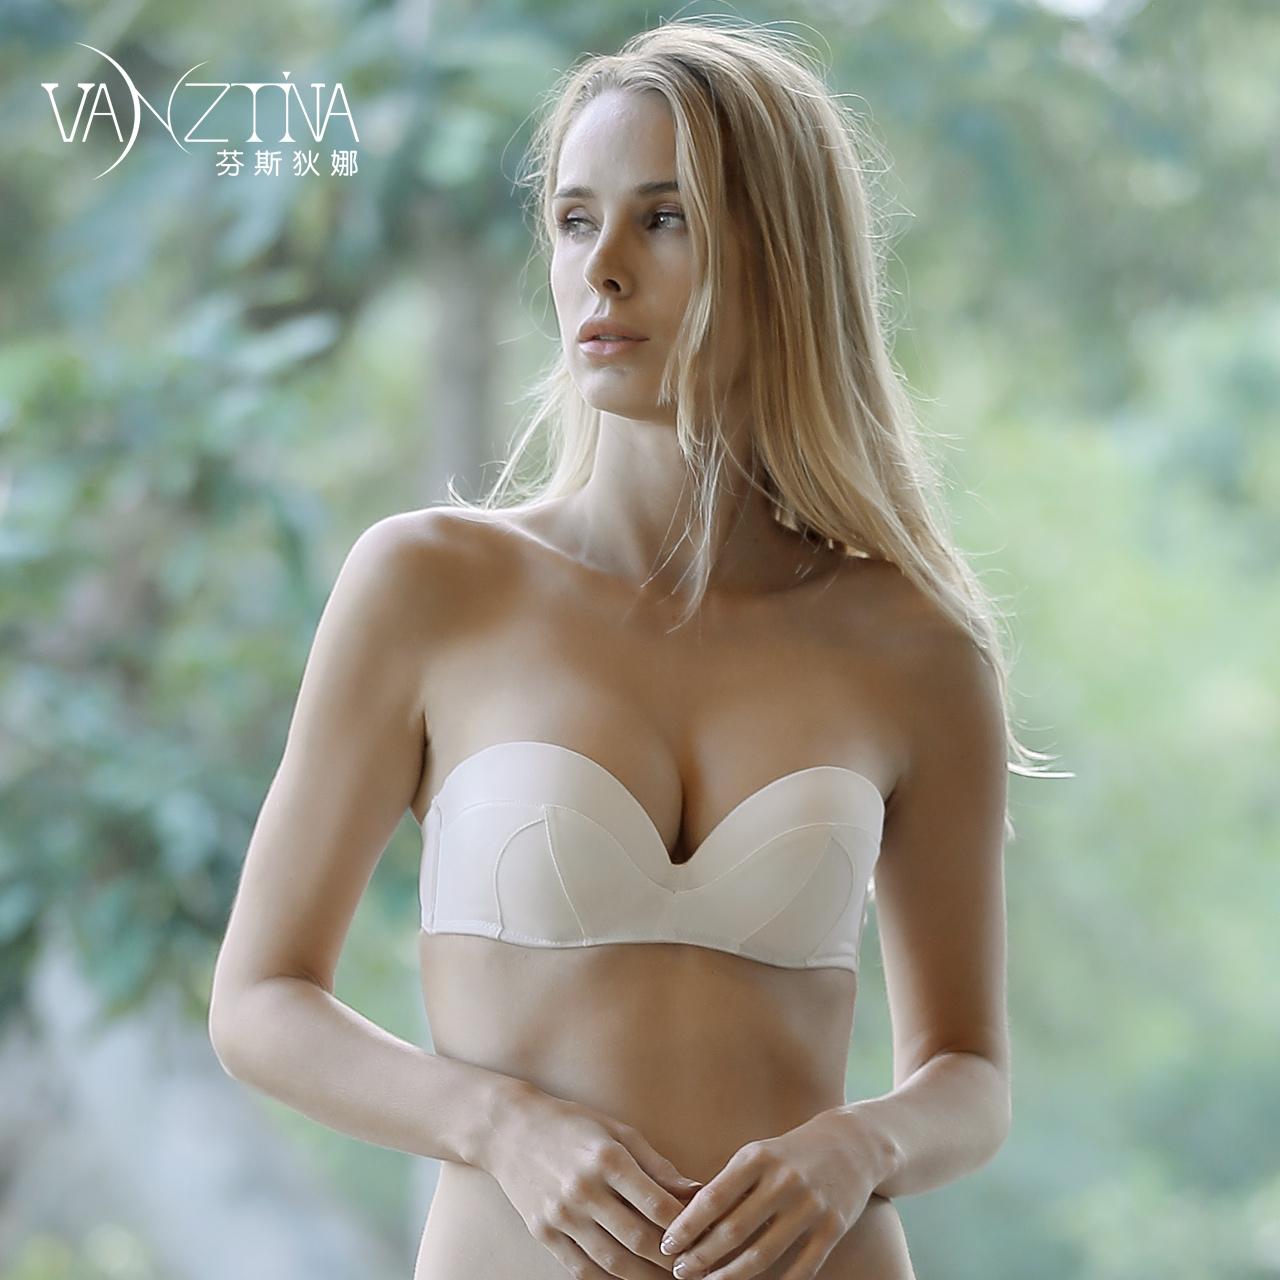 11-22新券芬斯狄娜无肩带款文胸上薄下厚女上托聚拢防滑内衣可拆卸性感胸罩